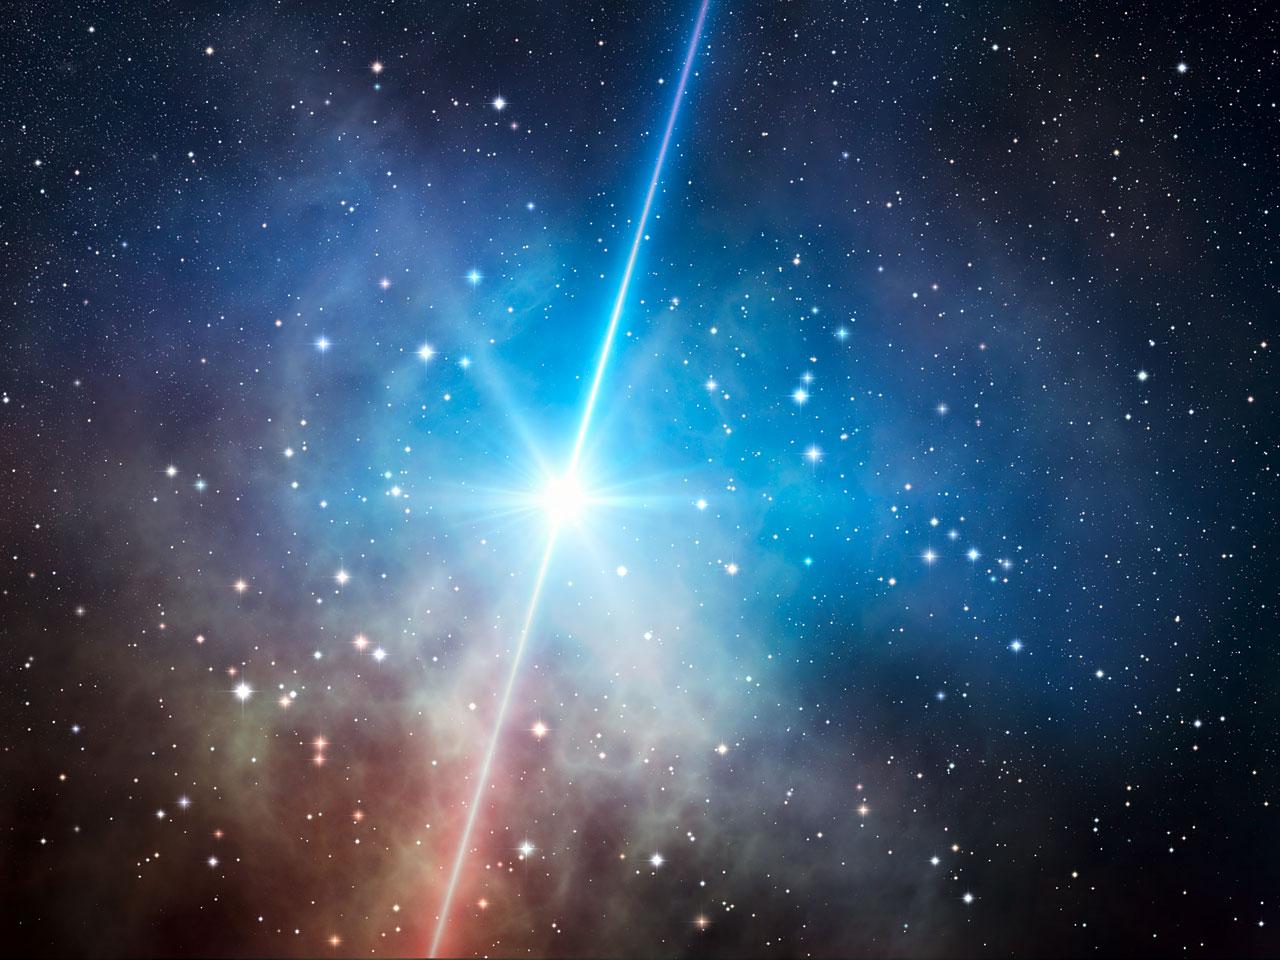 来自太空的毁灭:伽马射线暴详解-第3张图片-IT新视野